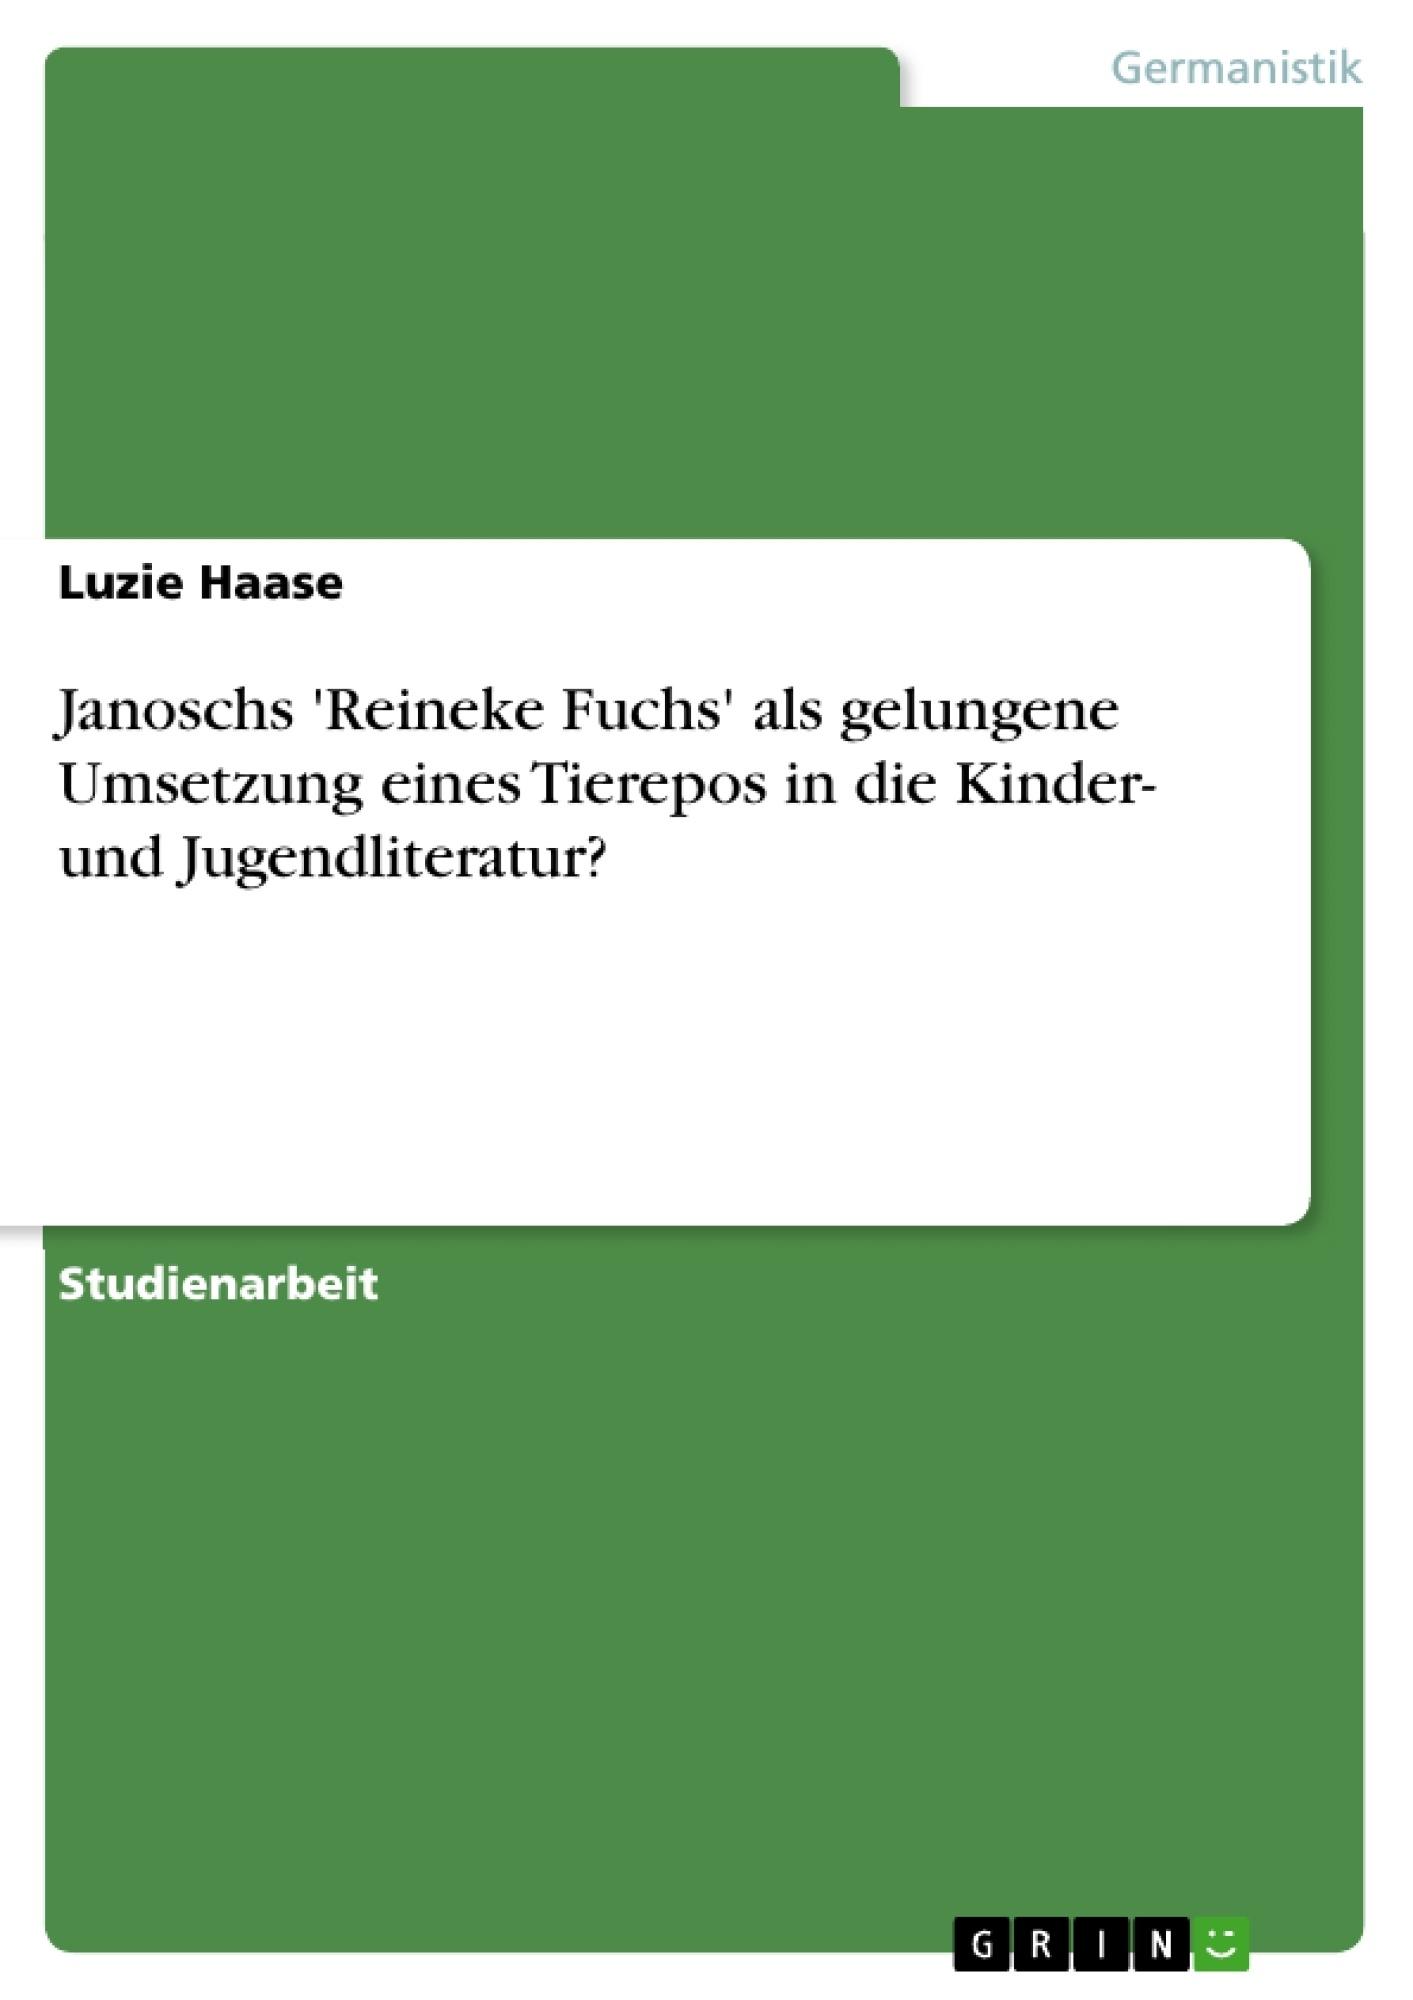 Titel: Janoschs 'Reineke Fuchs' als gelungene Umsetzung eines Tierepos in die Kinder- und Jugendliteratur?